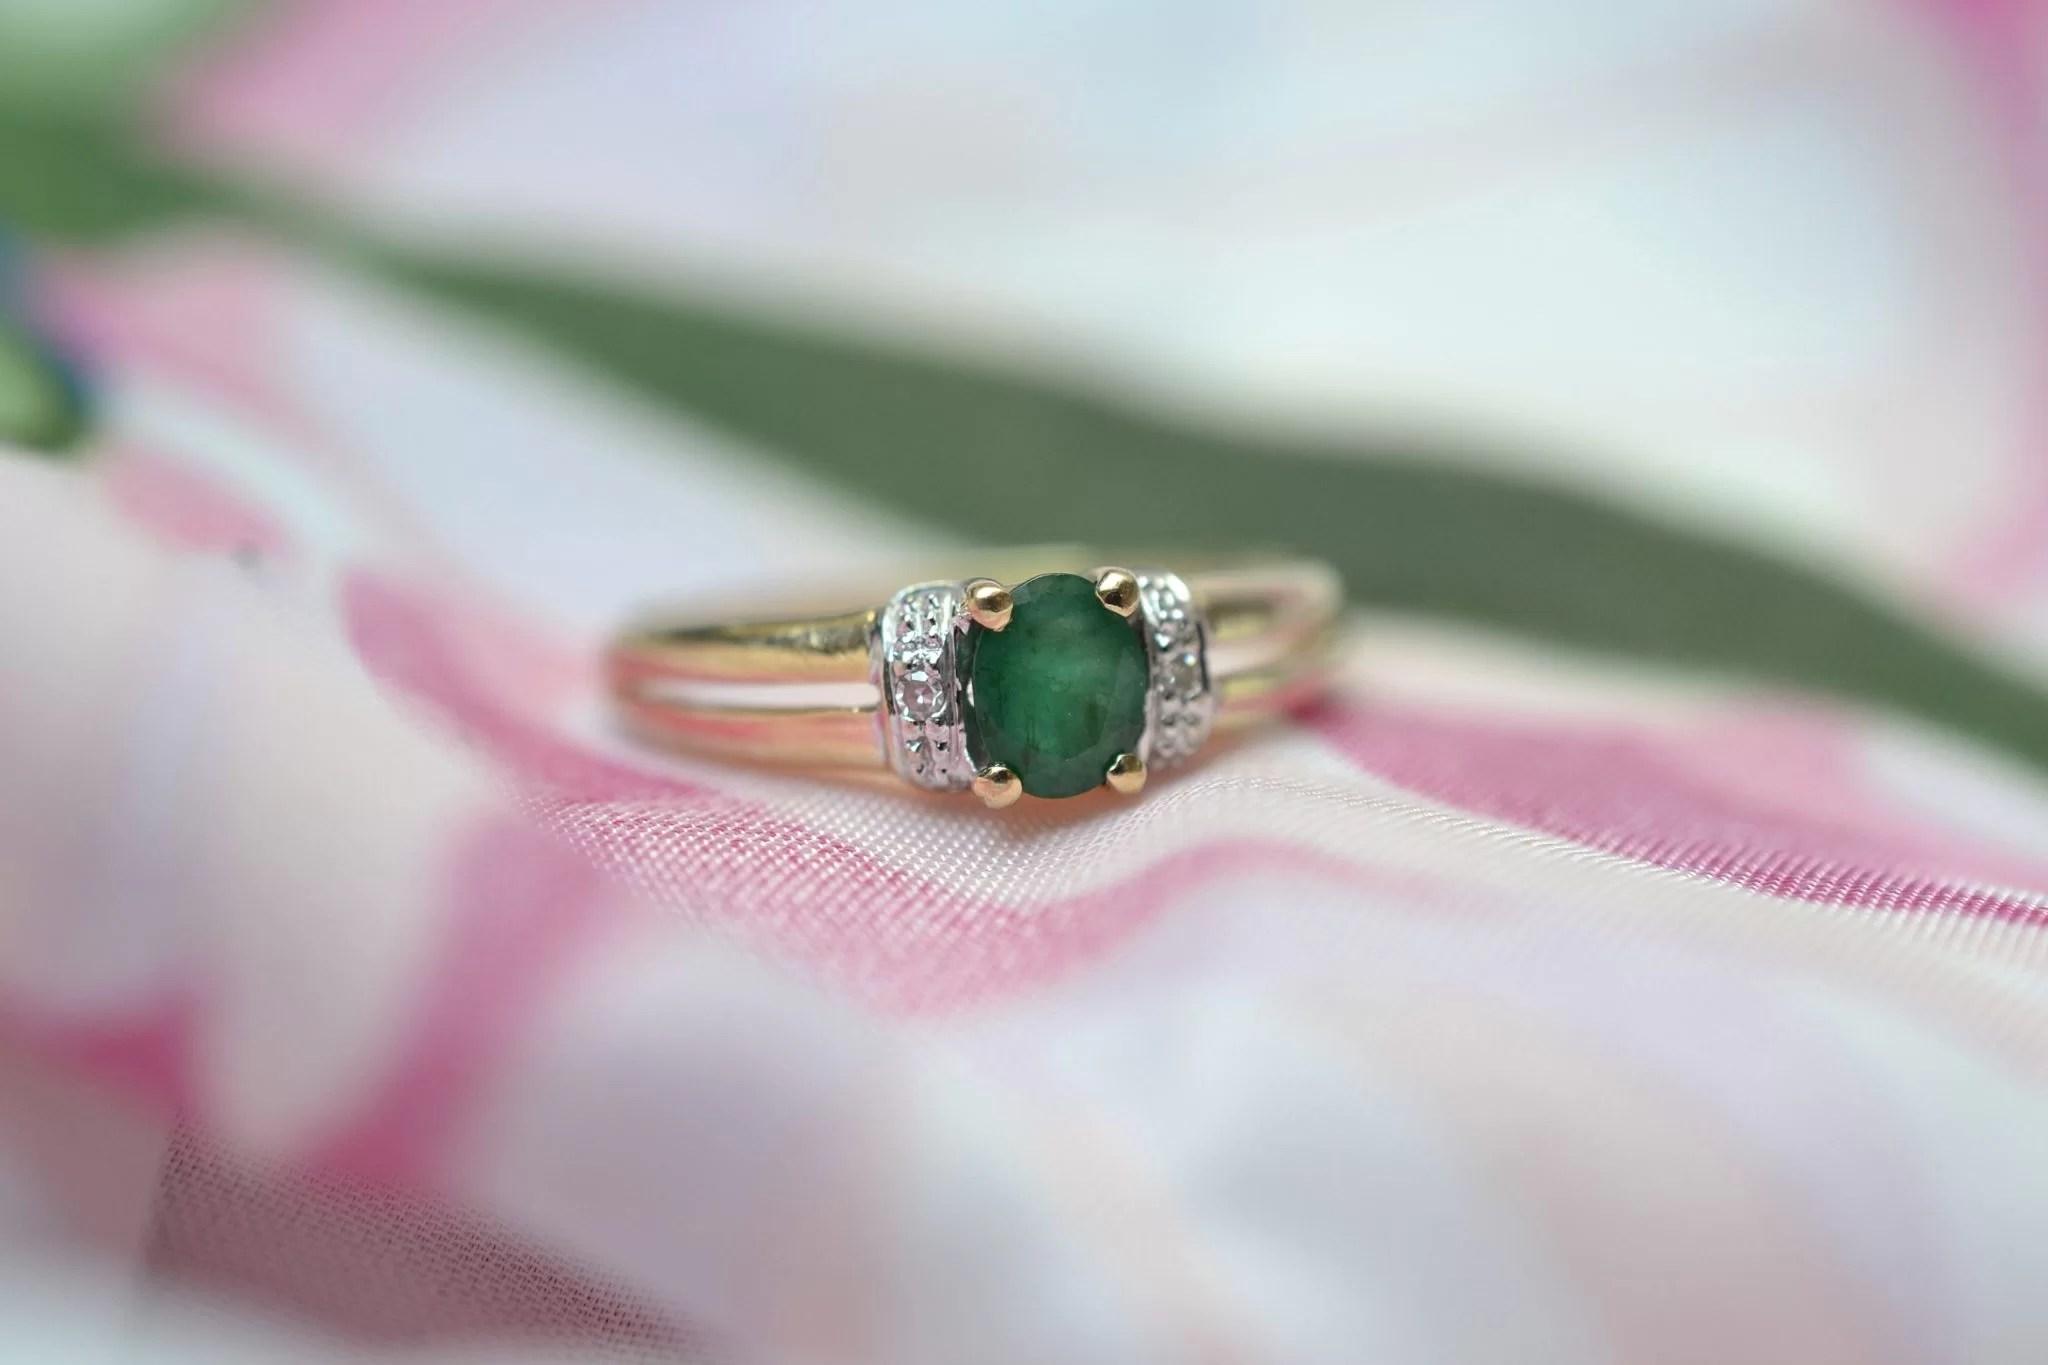 Bague En Or Jaune Et Or Blanc Ornée D'une émeraude Et De Diamants - Bague D_occasion